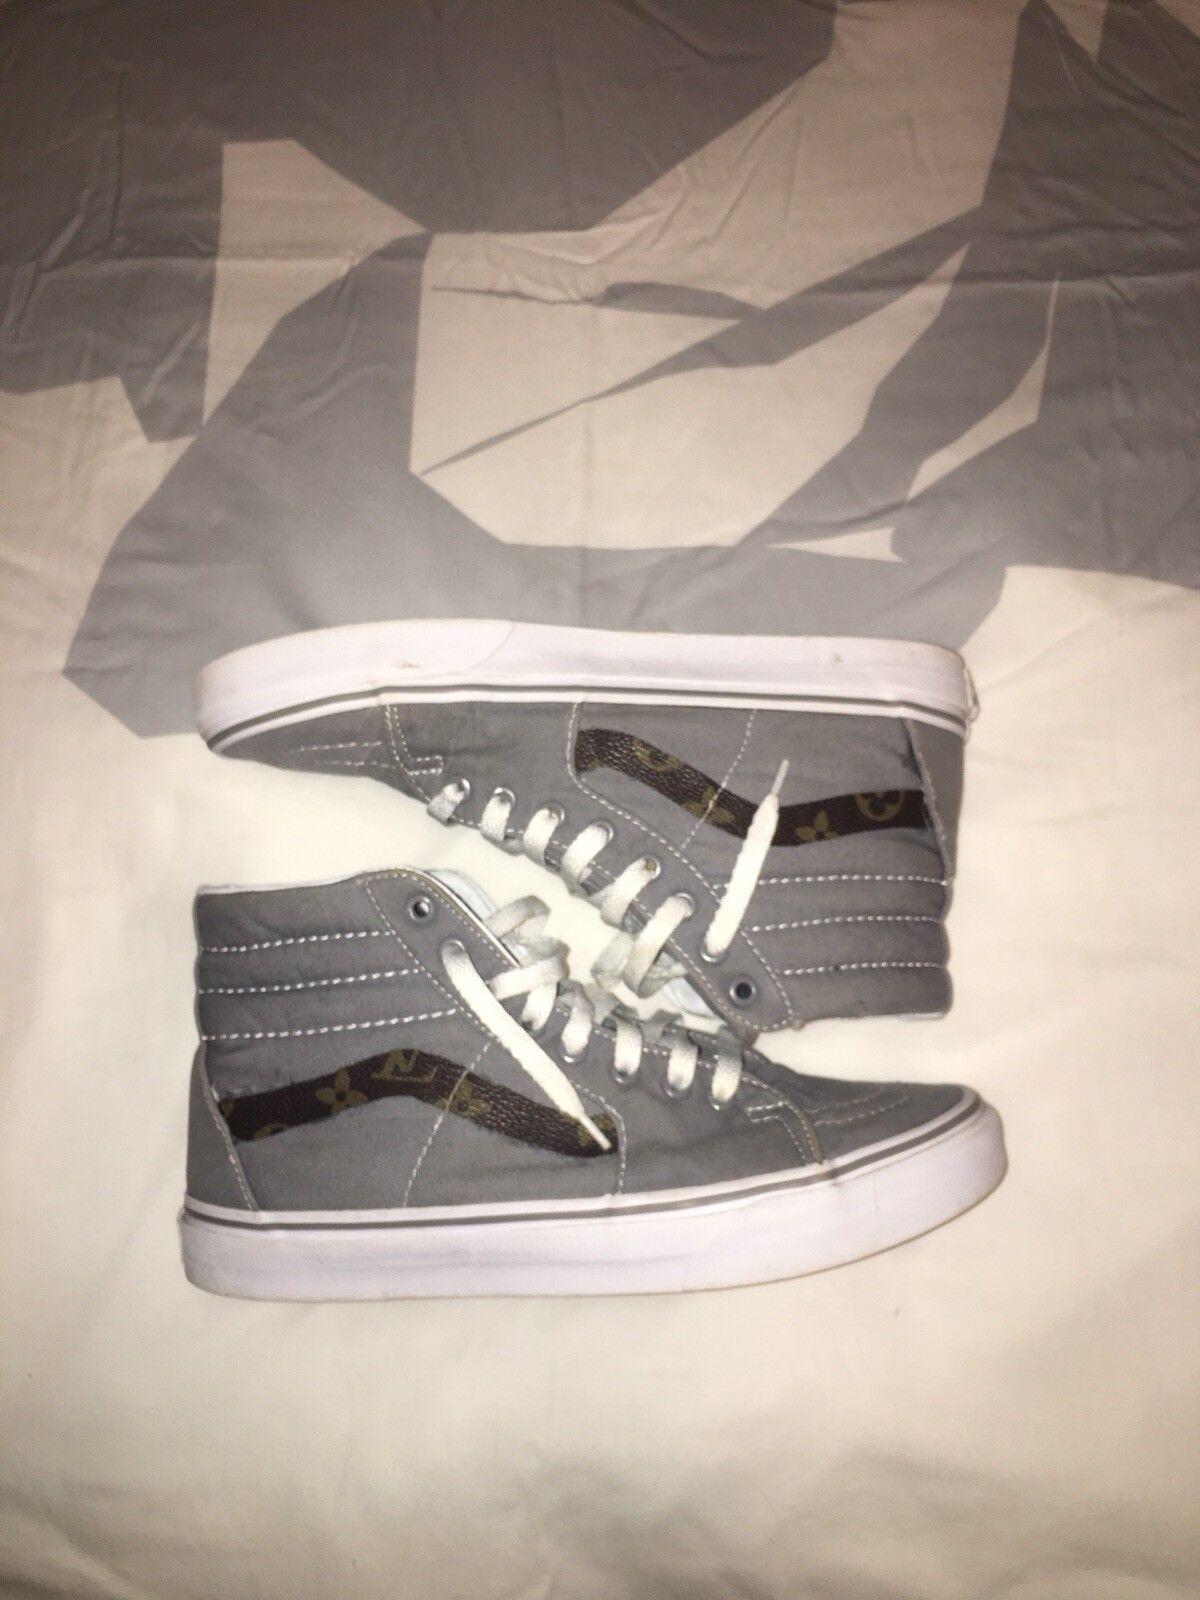 4ae354e5c3082 MEN Size 8.5 Vans Sk8 hi Custom nphbbn3710-Athletic Shoes - new ...